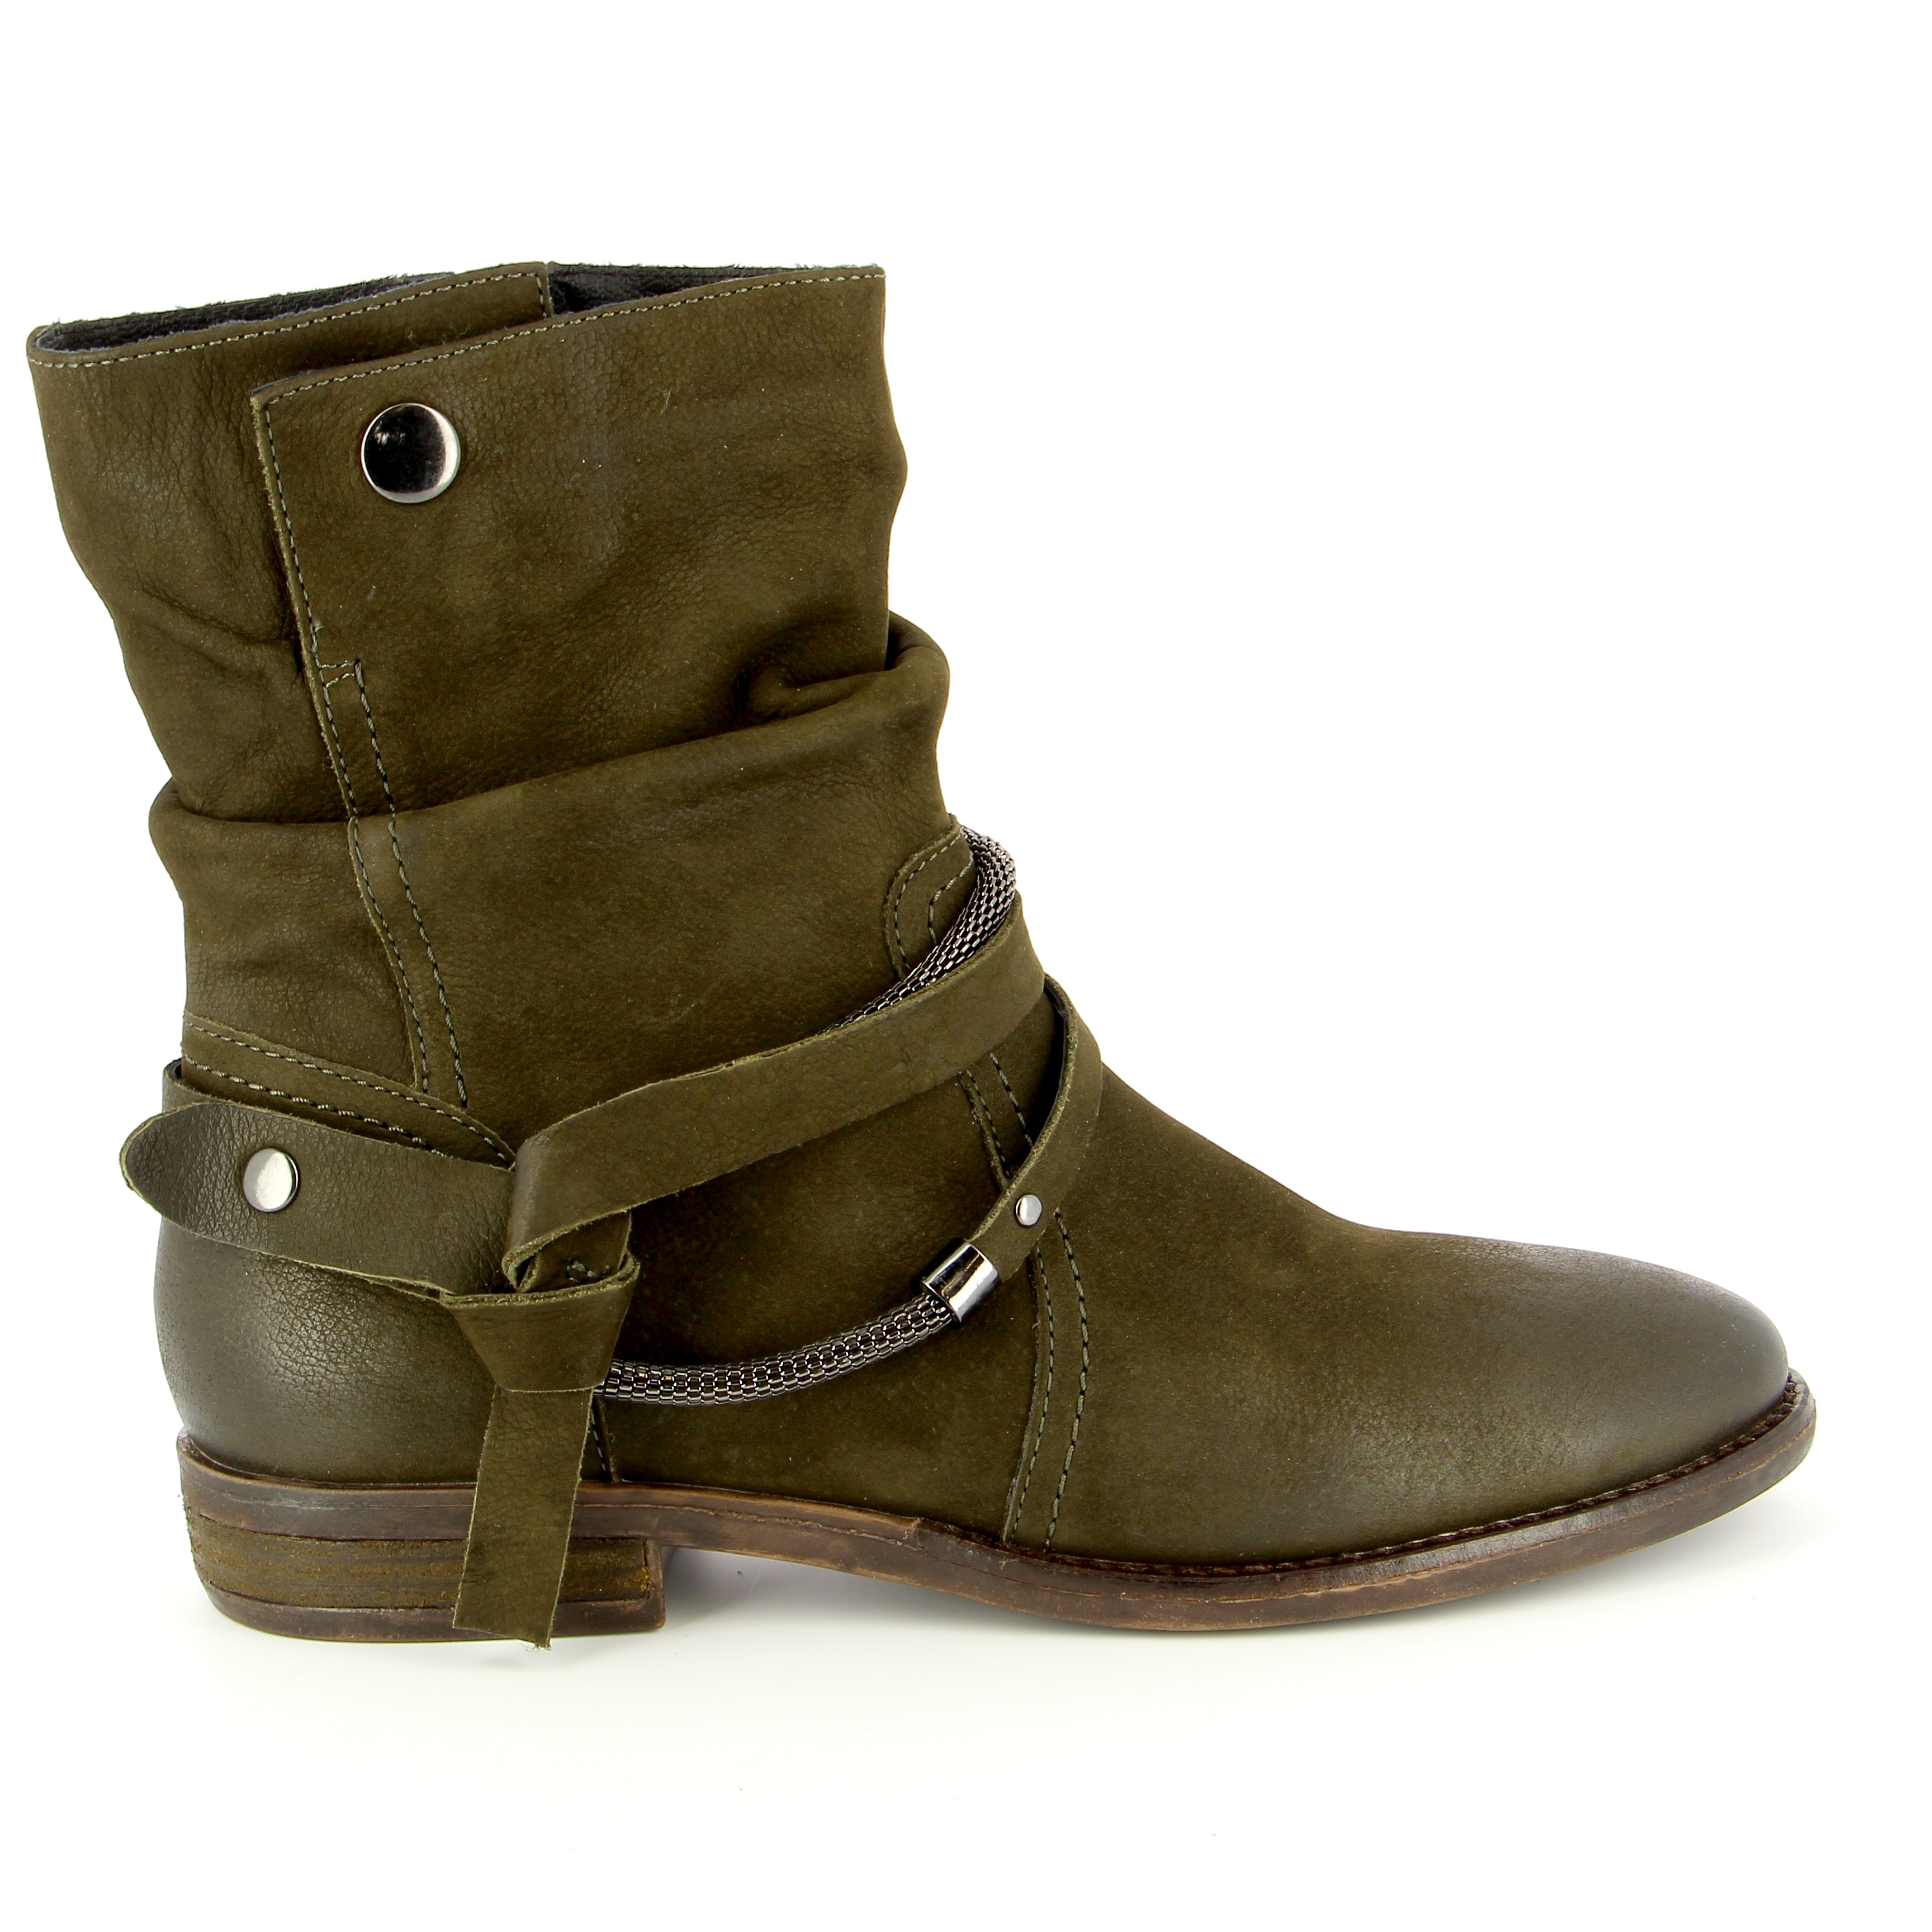 Spm Boots kaki